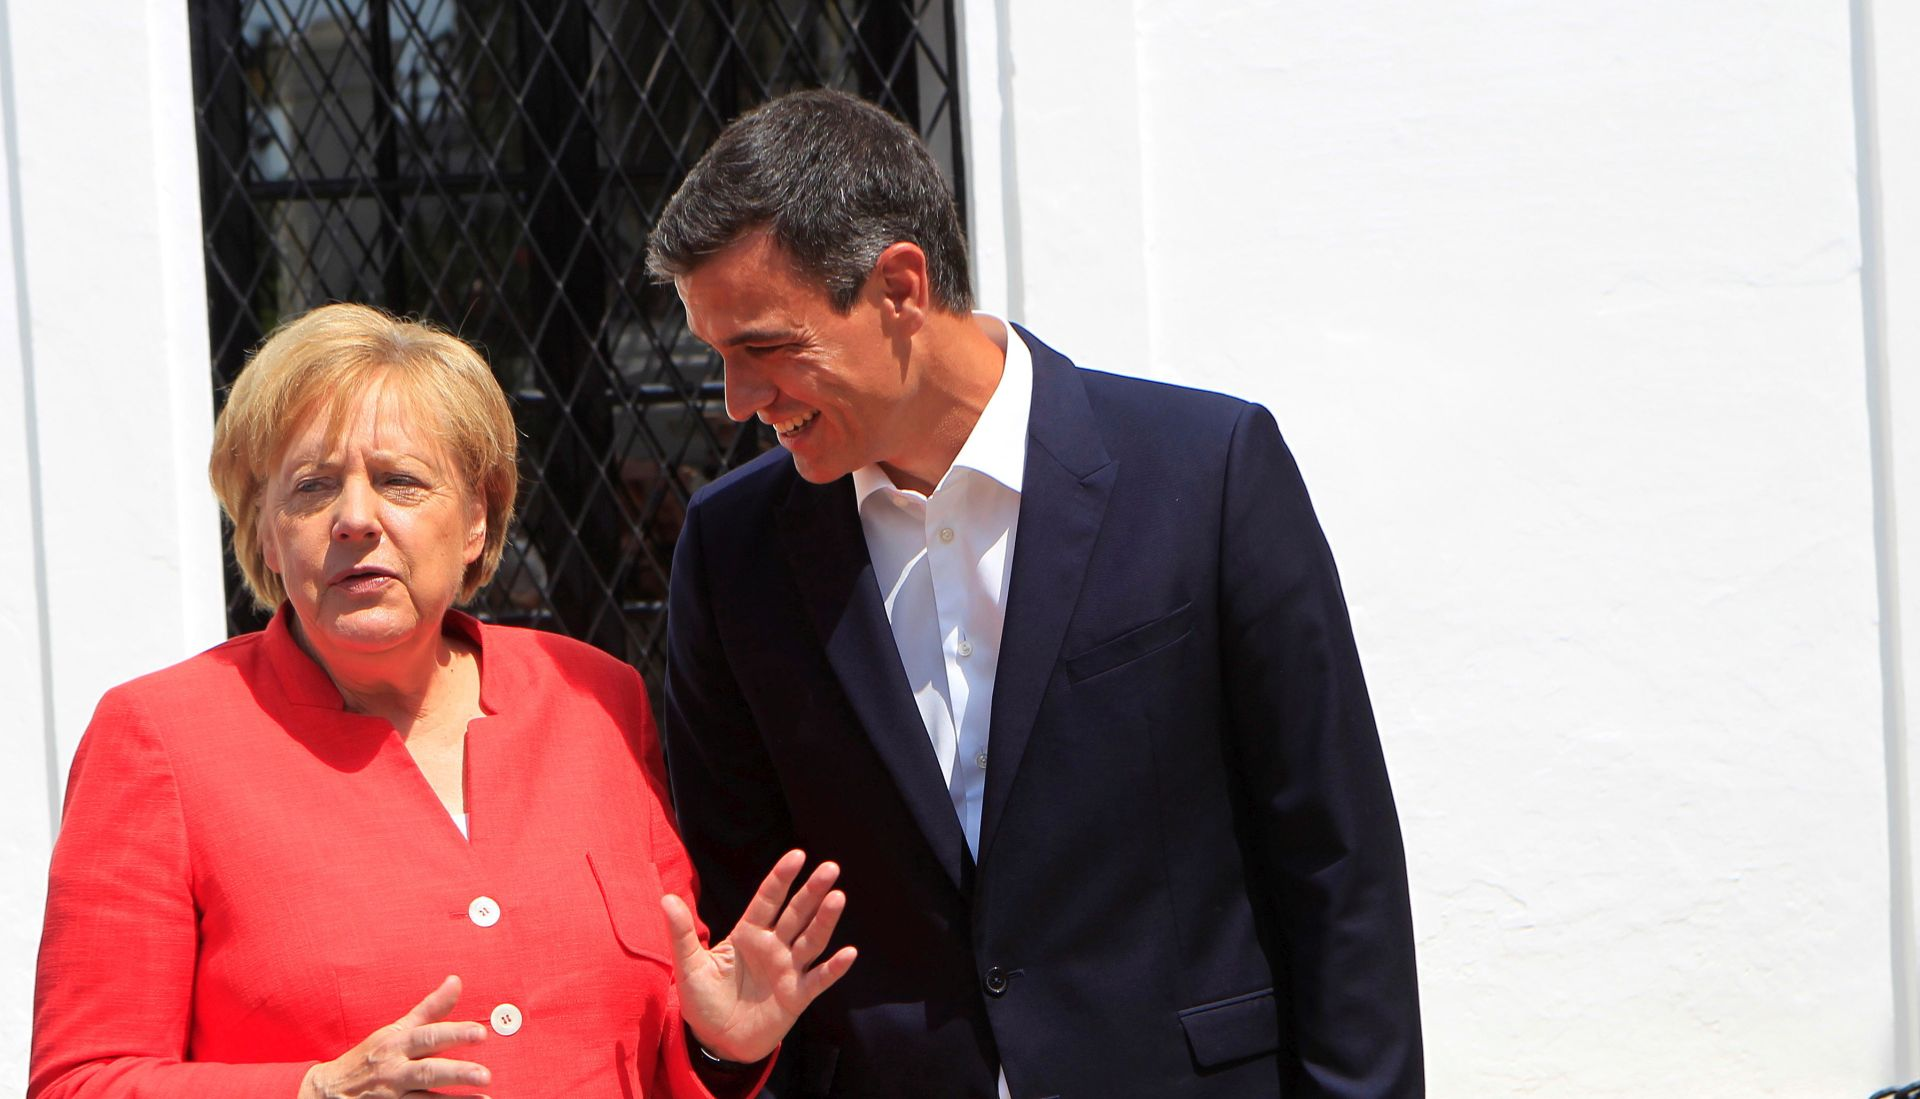 Merkel u Španjolskoj u neformalnom posjetu premijeru Sanchezu